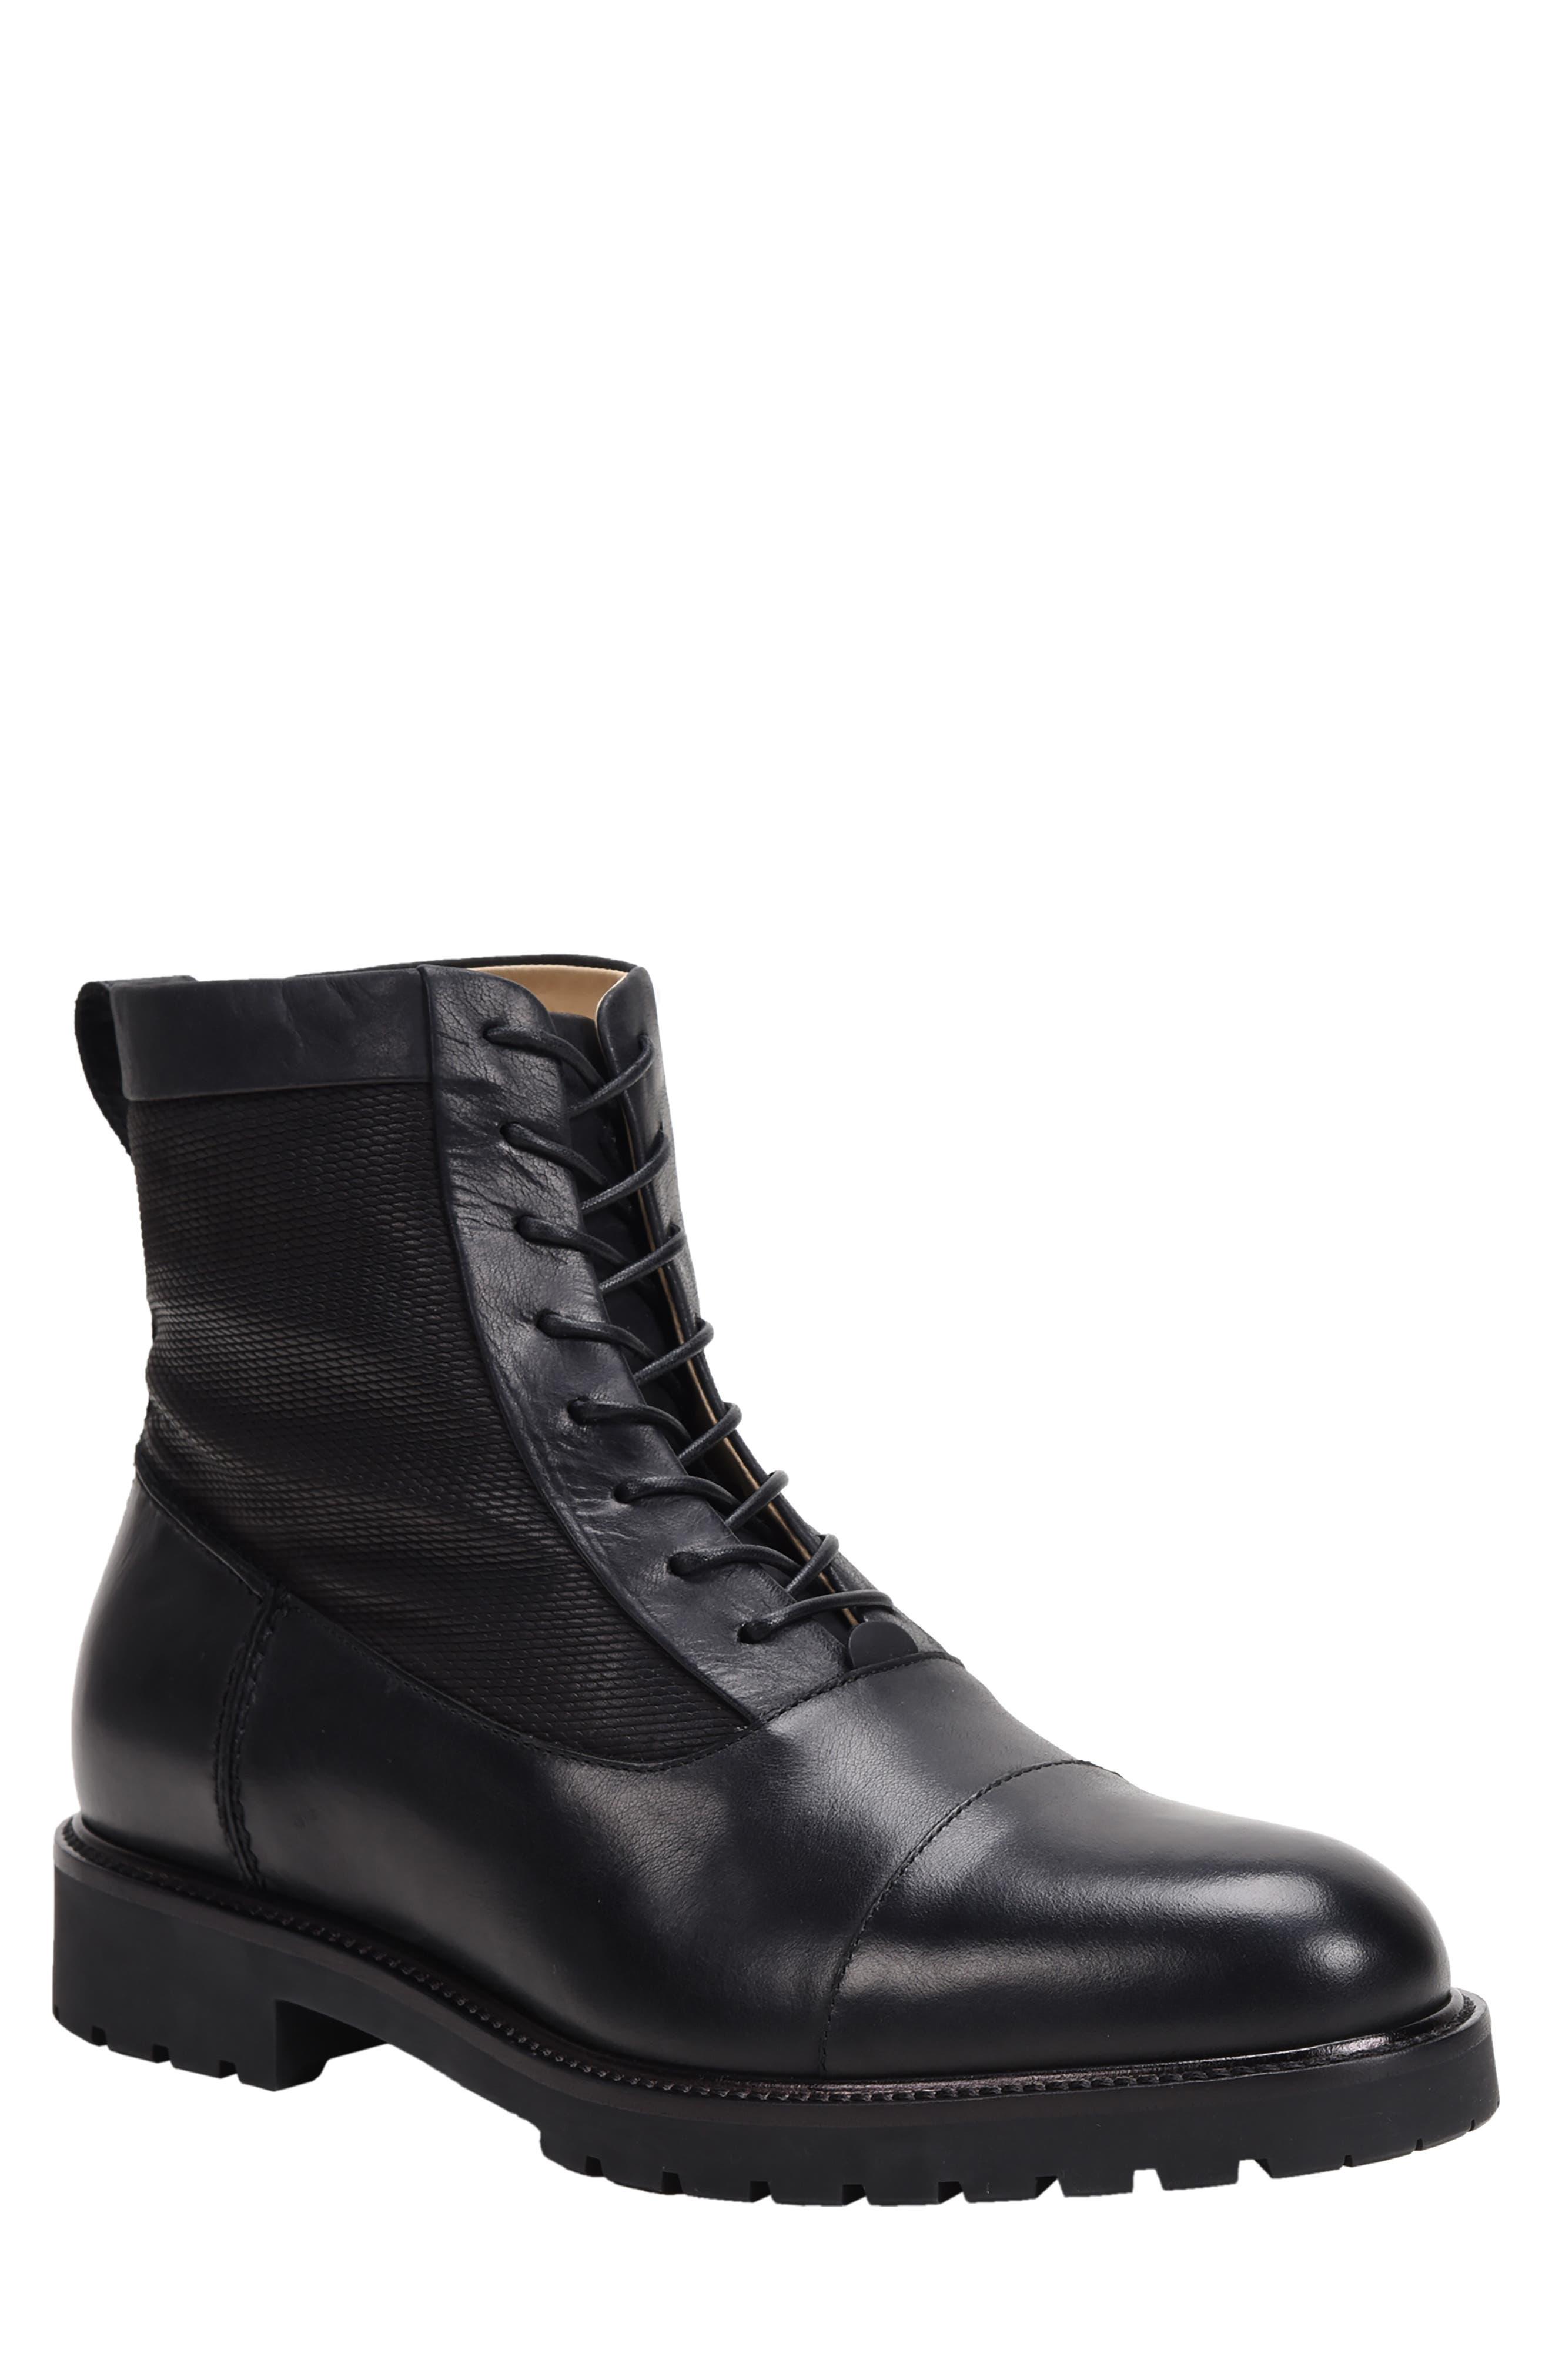 Mens Vintage Shoes, Boots | Retro Shoes & Boots Mens Ross  Snow Cap Toe Weatherproof Boot Size 15 M - Black $345.00 AT vintagedancer.com